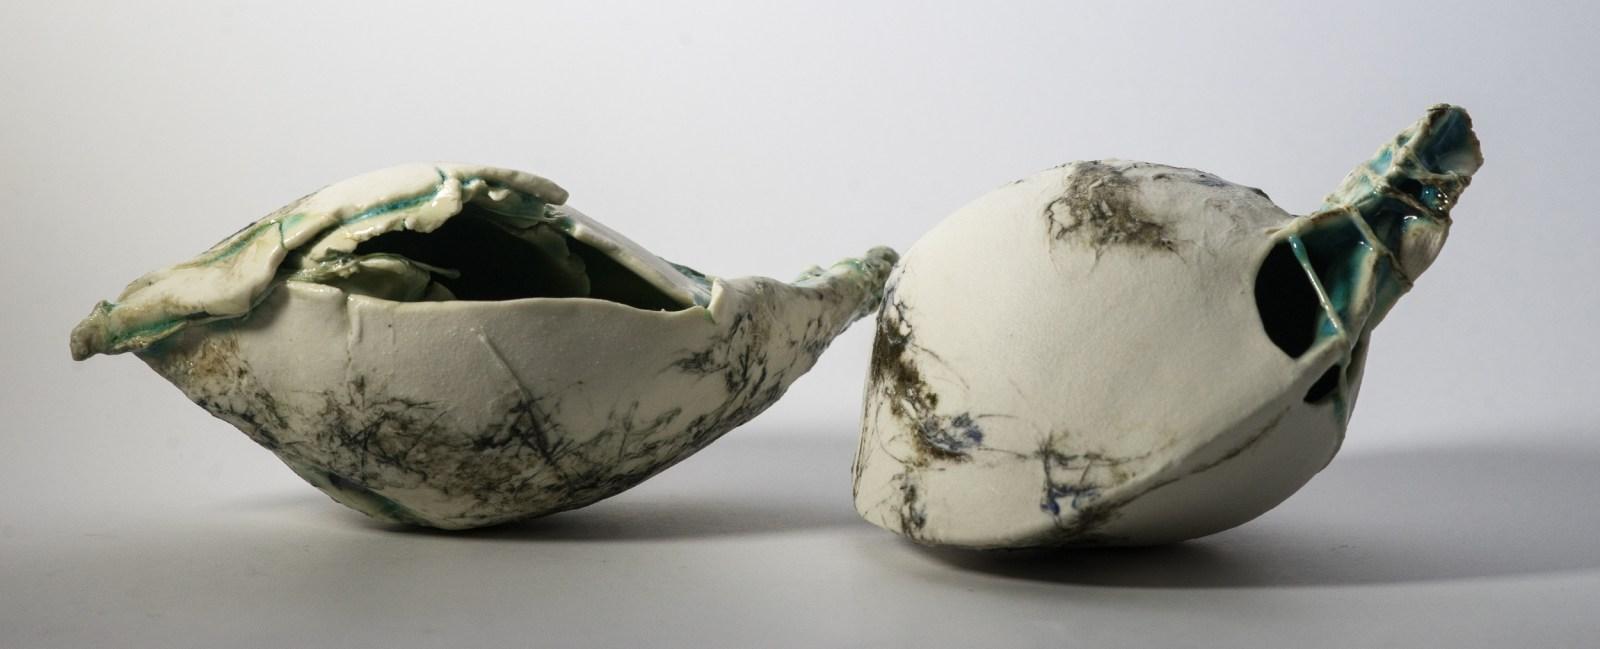 Helen-Shanks-porcelain-87